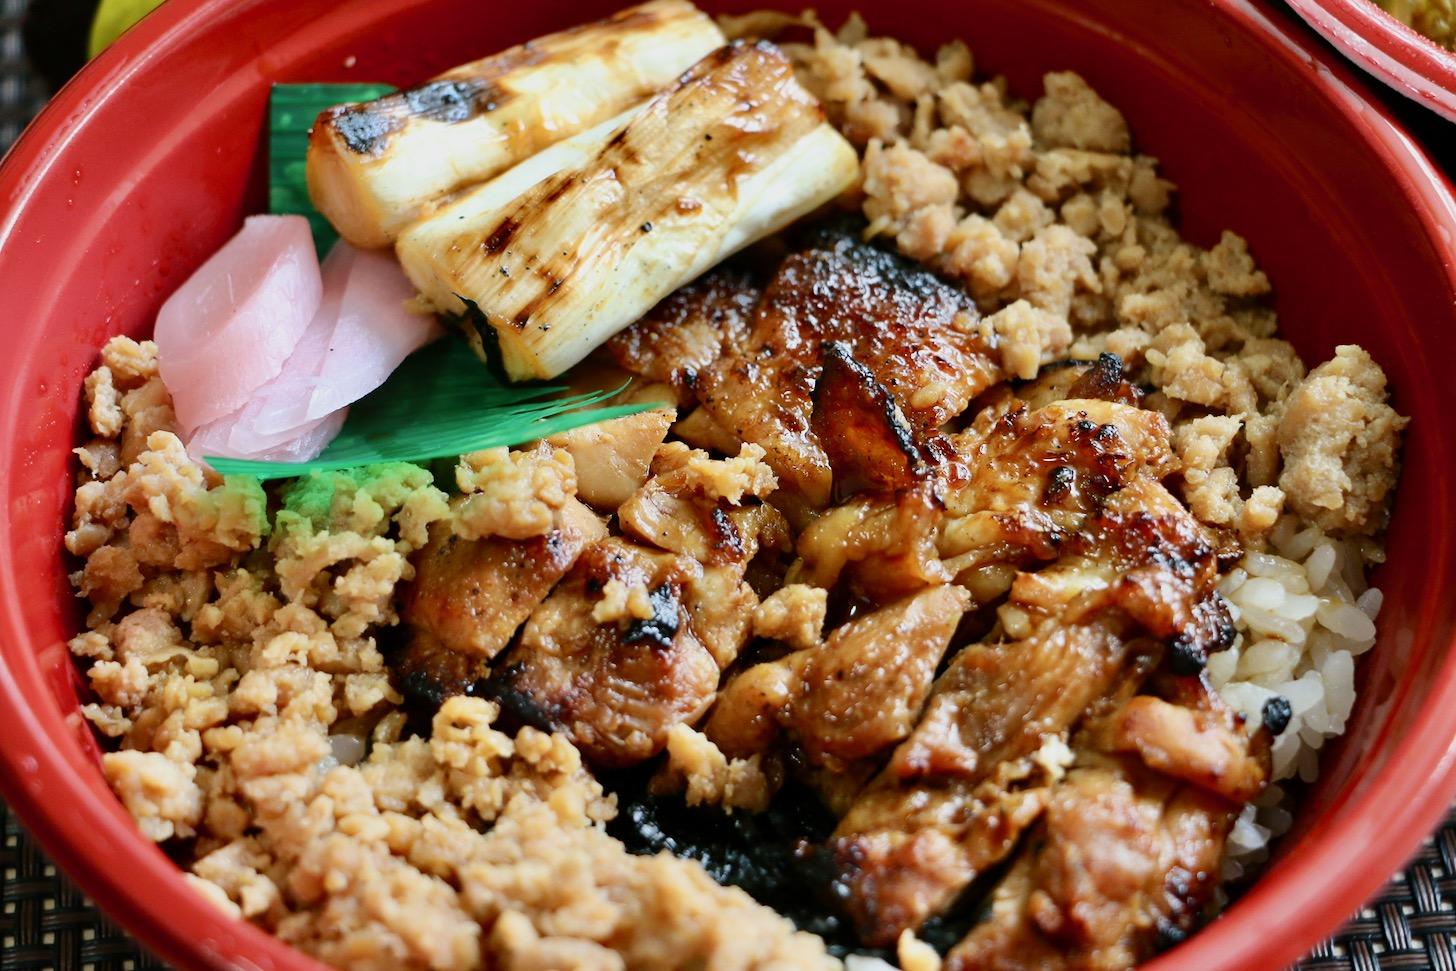 銘鶏やき鳥 鳥仙 多摩落合店の焼鳥丼